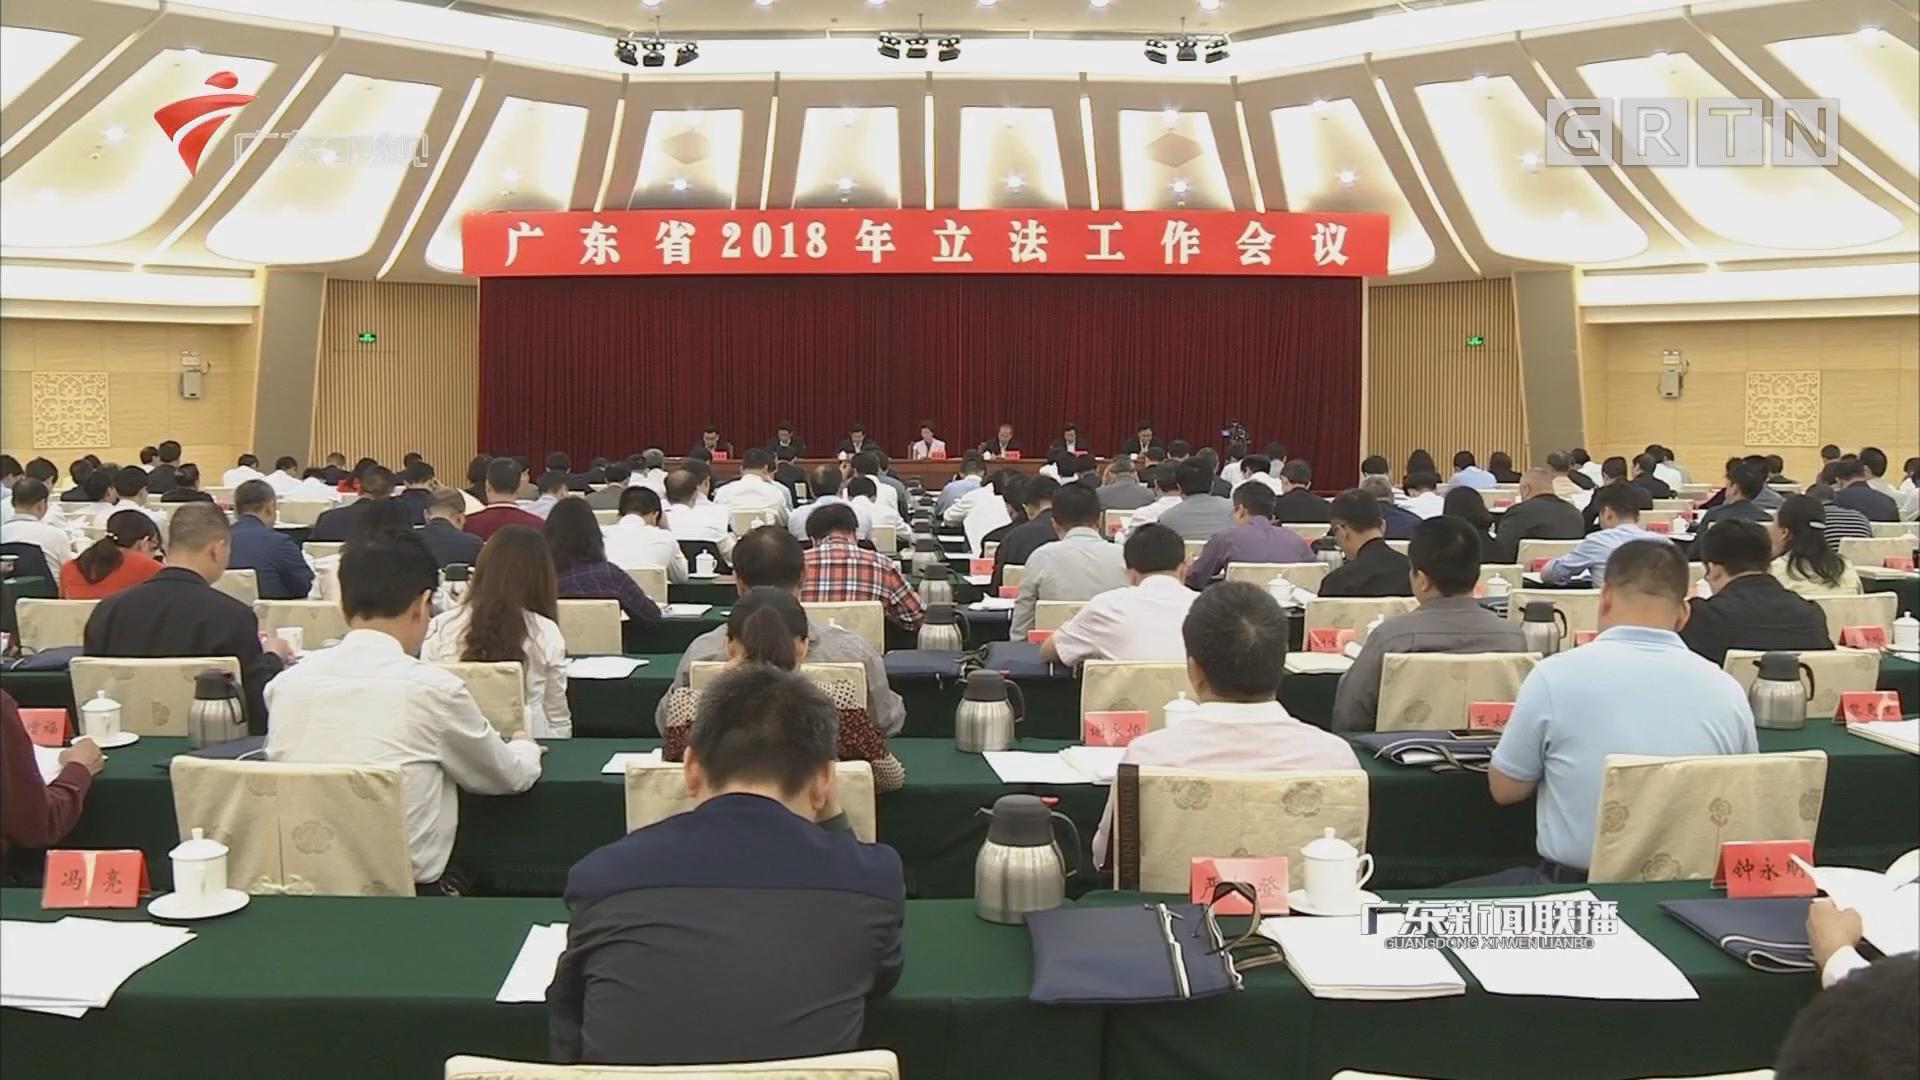 广东省2018年立法工作会议召开